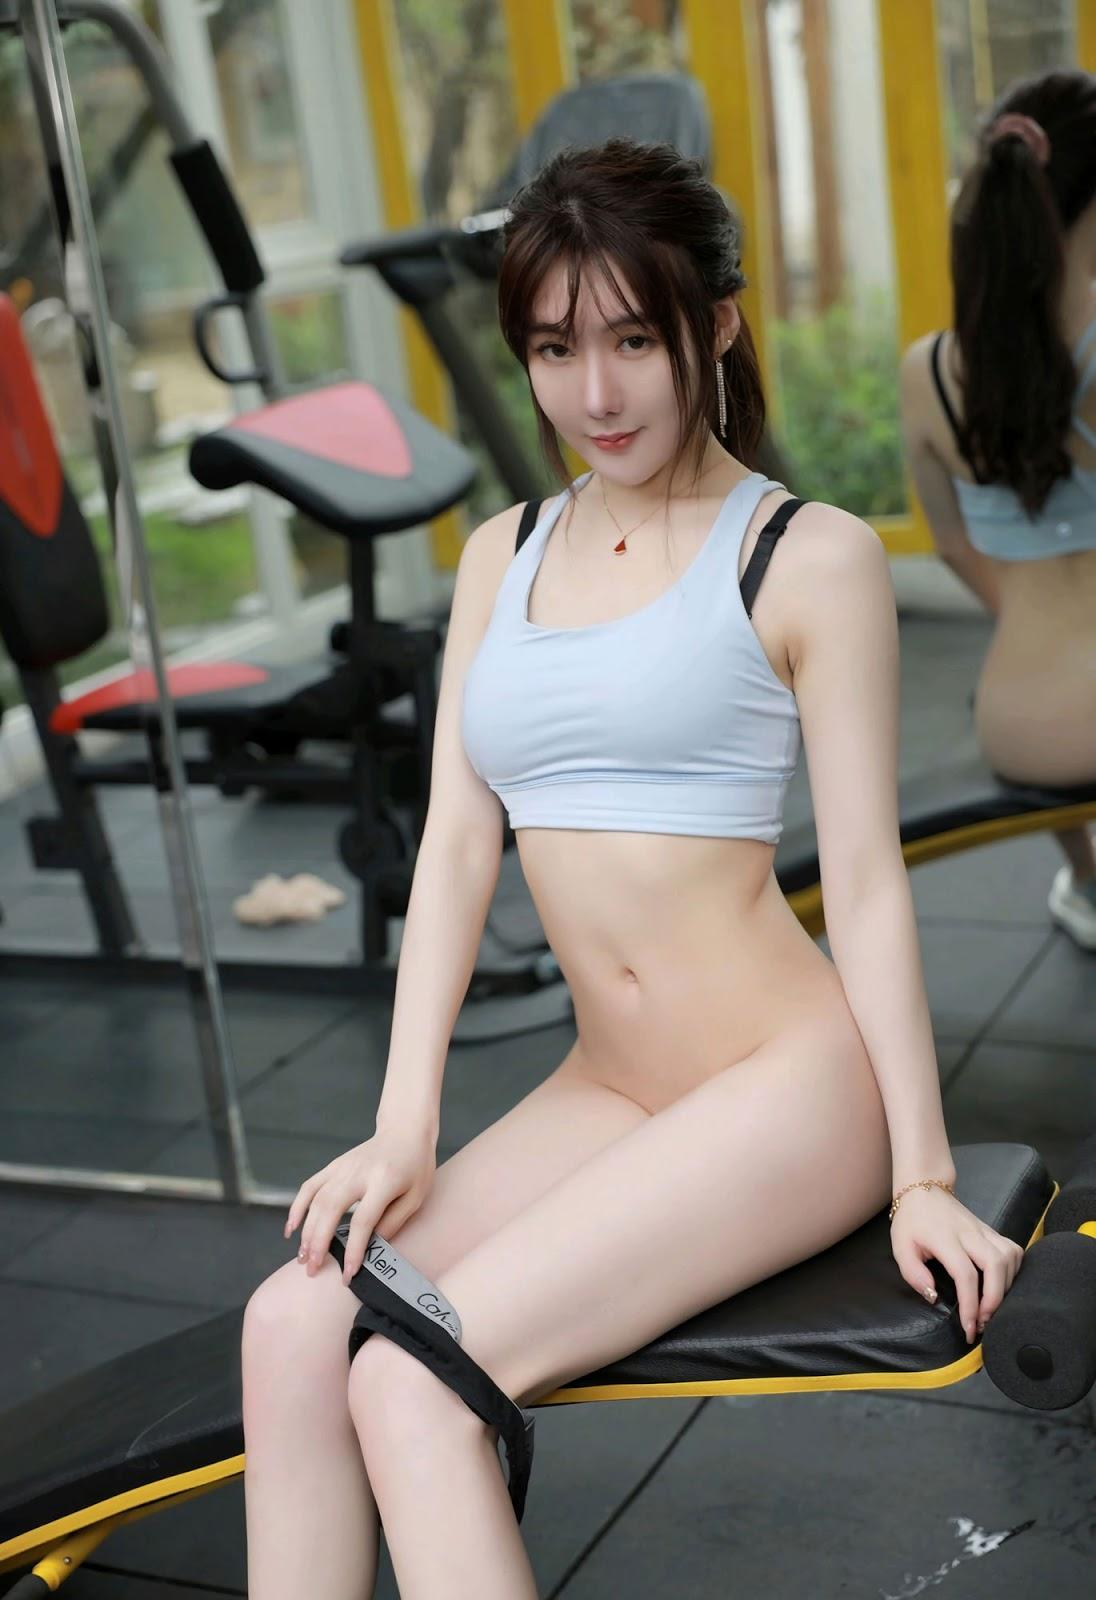 薛琪琪sandy 15